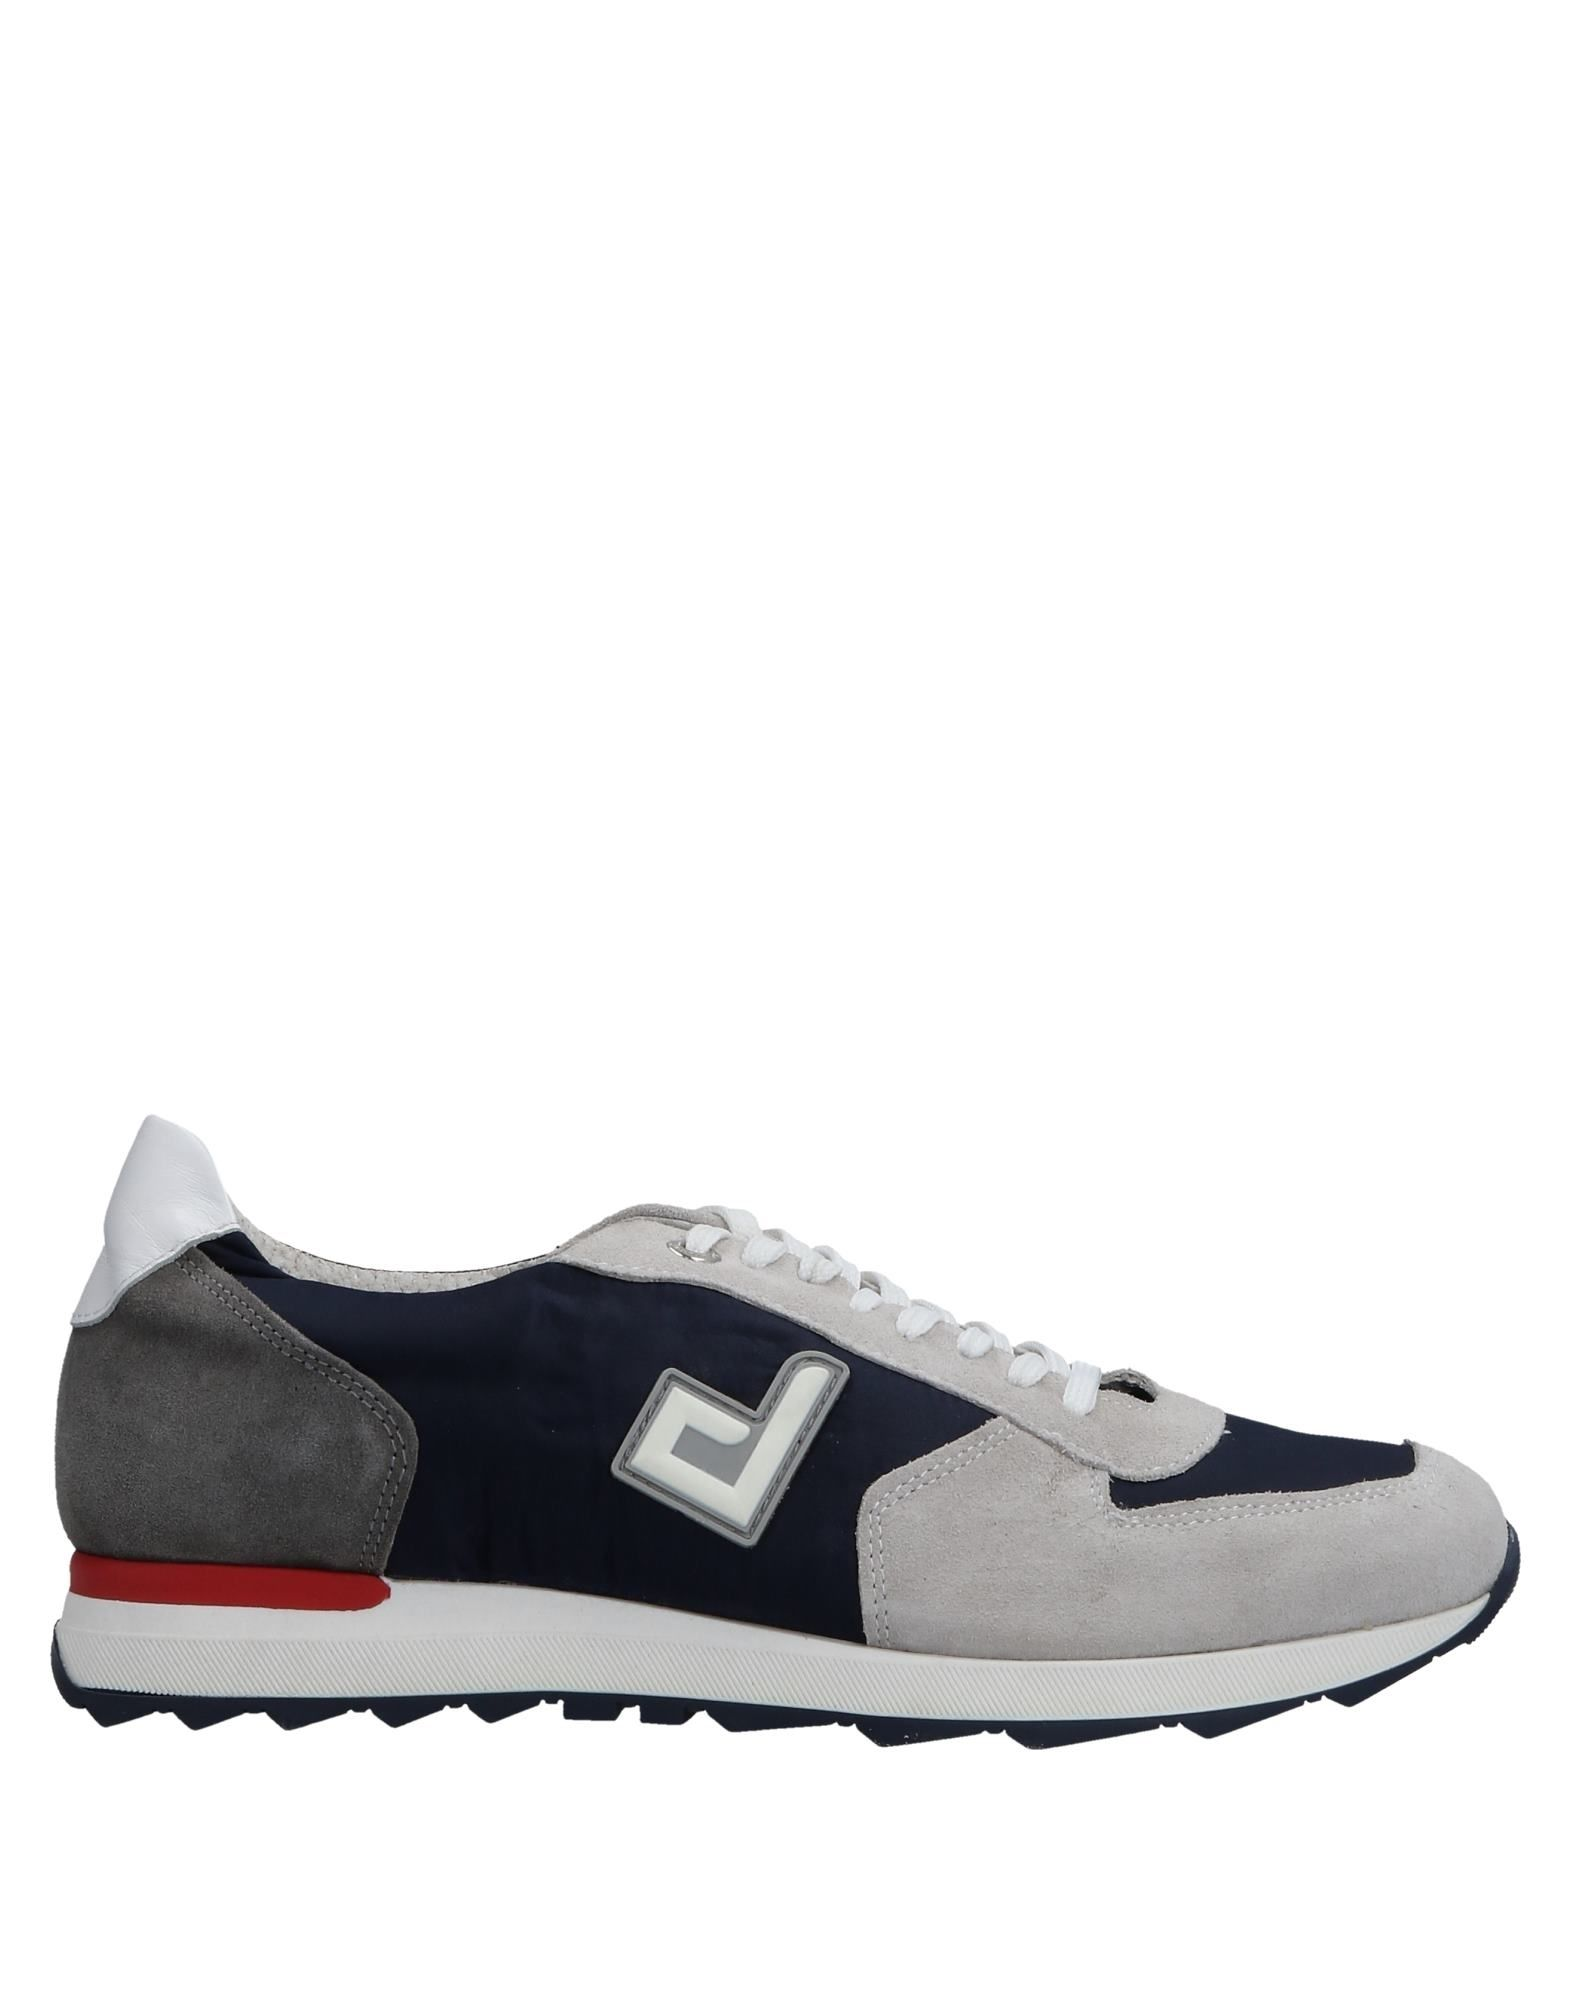 Rabatt echte Schuhe Drudd Sneakers Herren  11531179ND